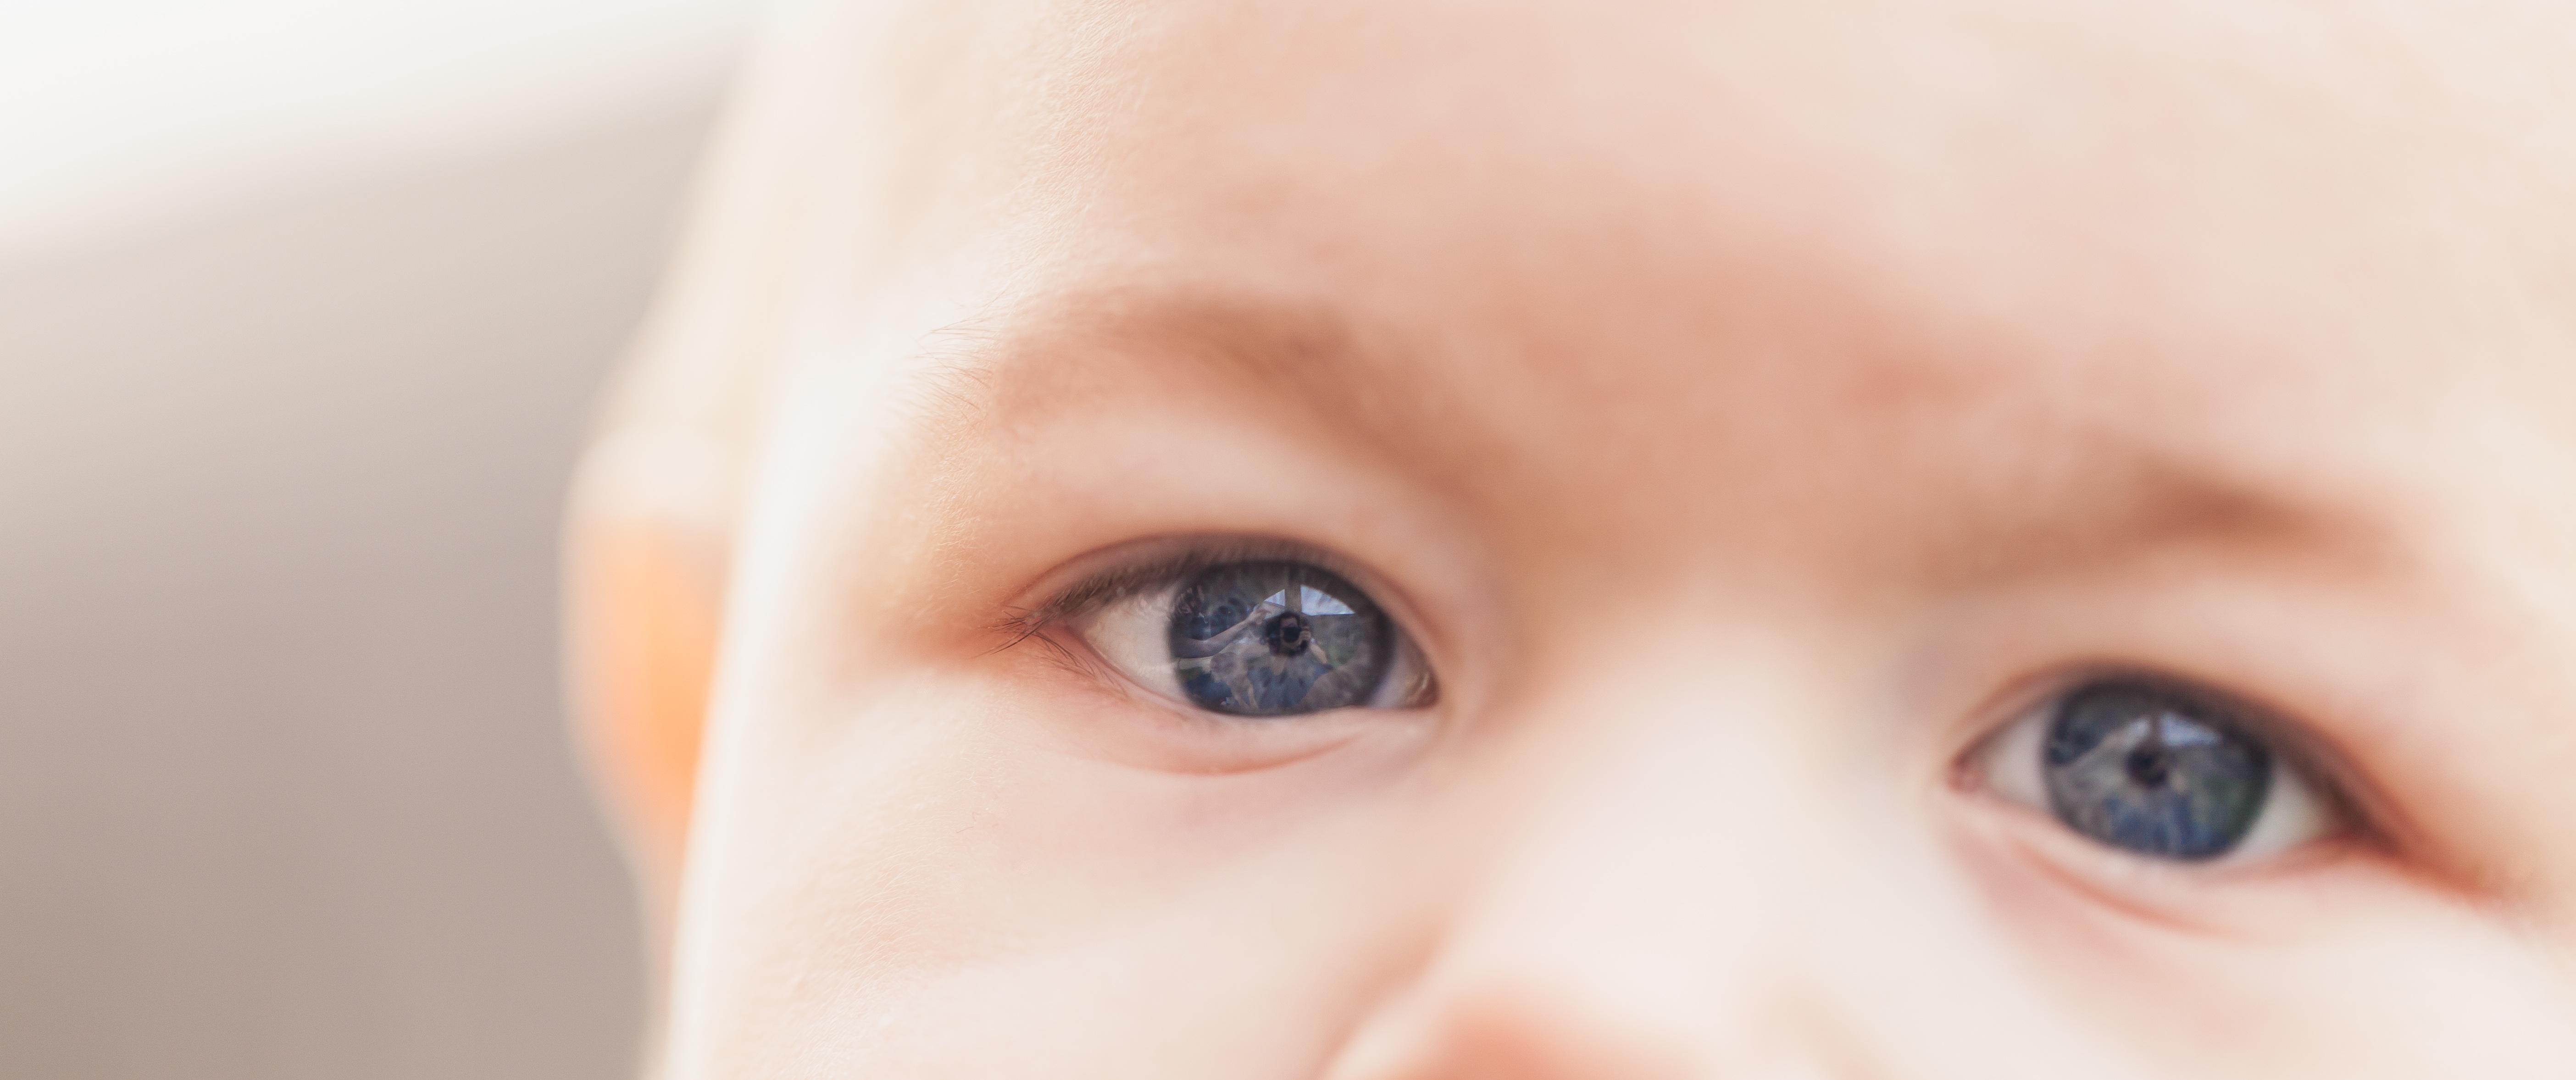 Красивые глаза у ребенка фото